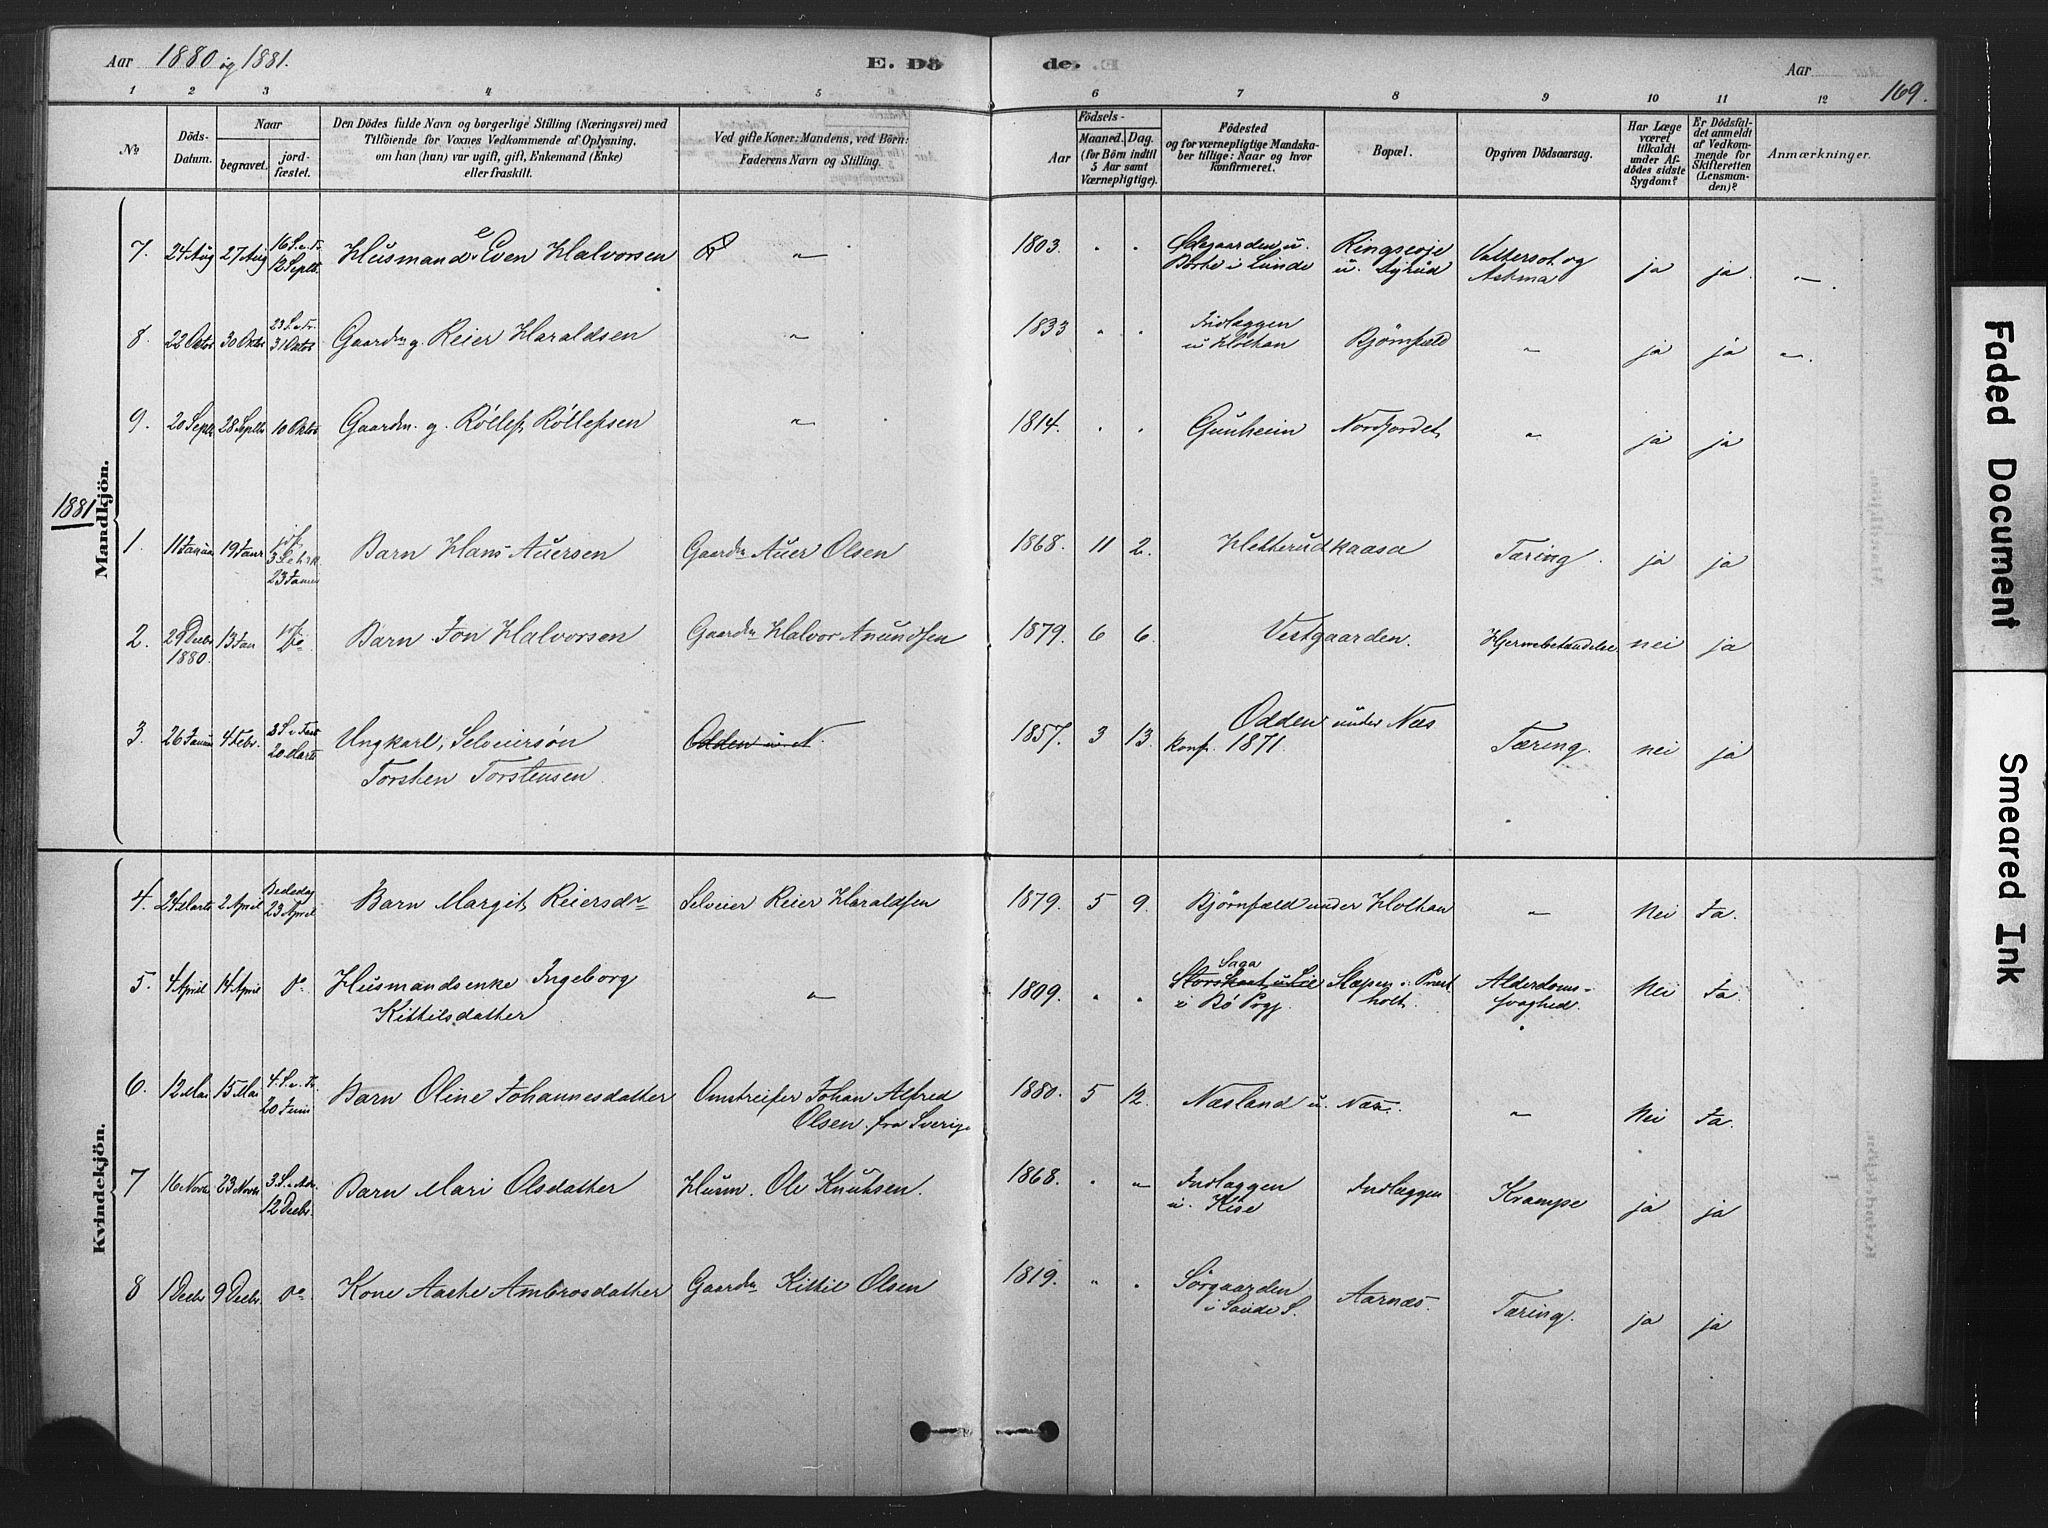 SAKO, Sauherad kirkebøker, F/Fb/L0002: Ministerialbok nr. II 2, 1878-1901, s. 169